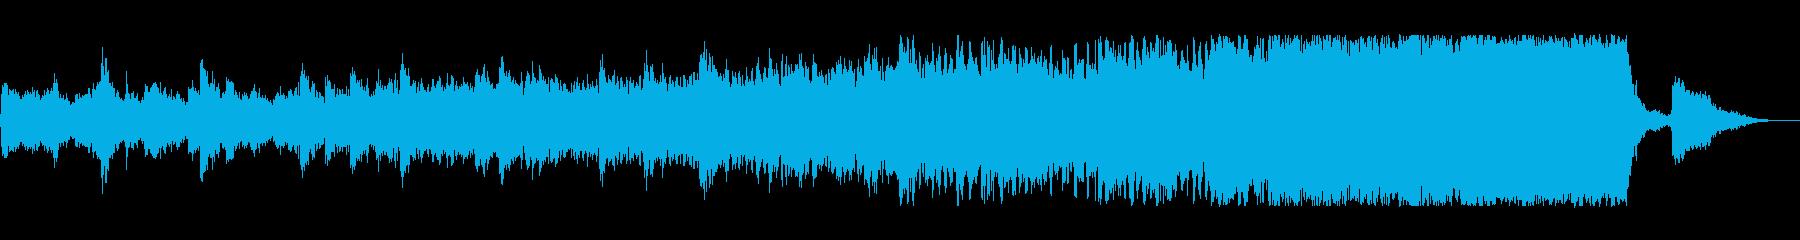 神秘的なヒーリングミュージックの再生済みの波形